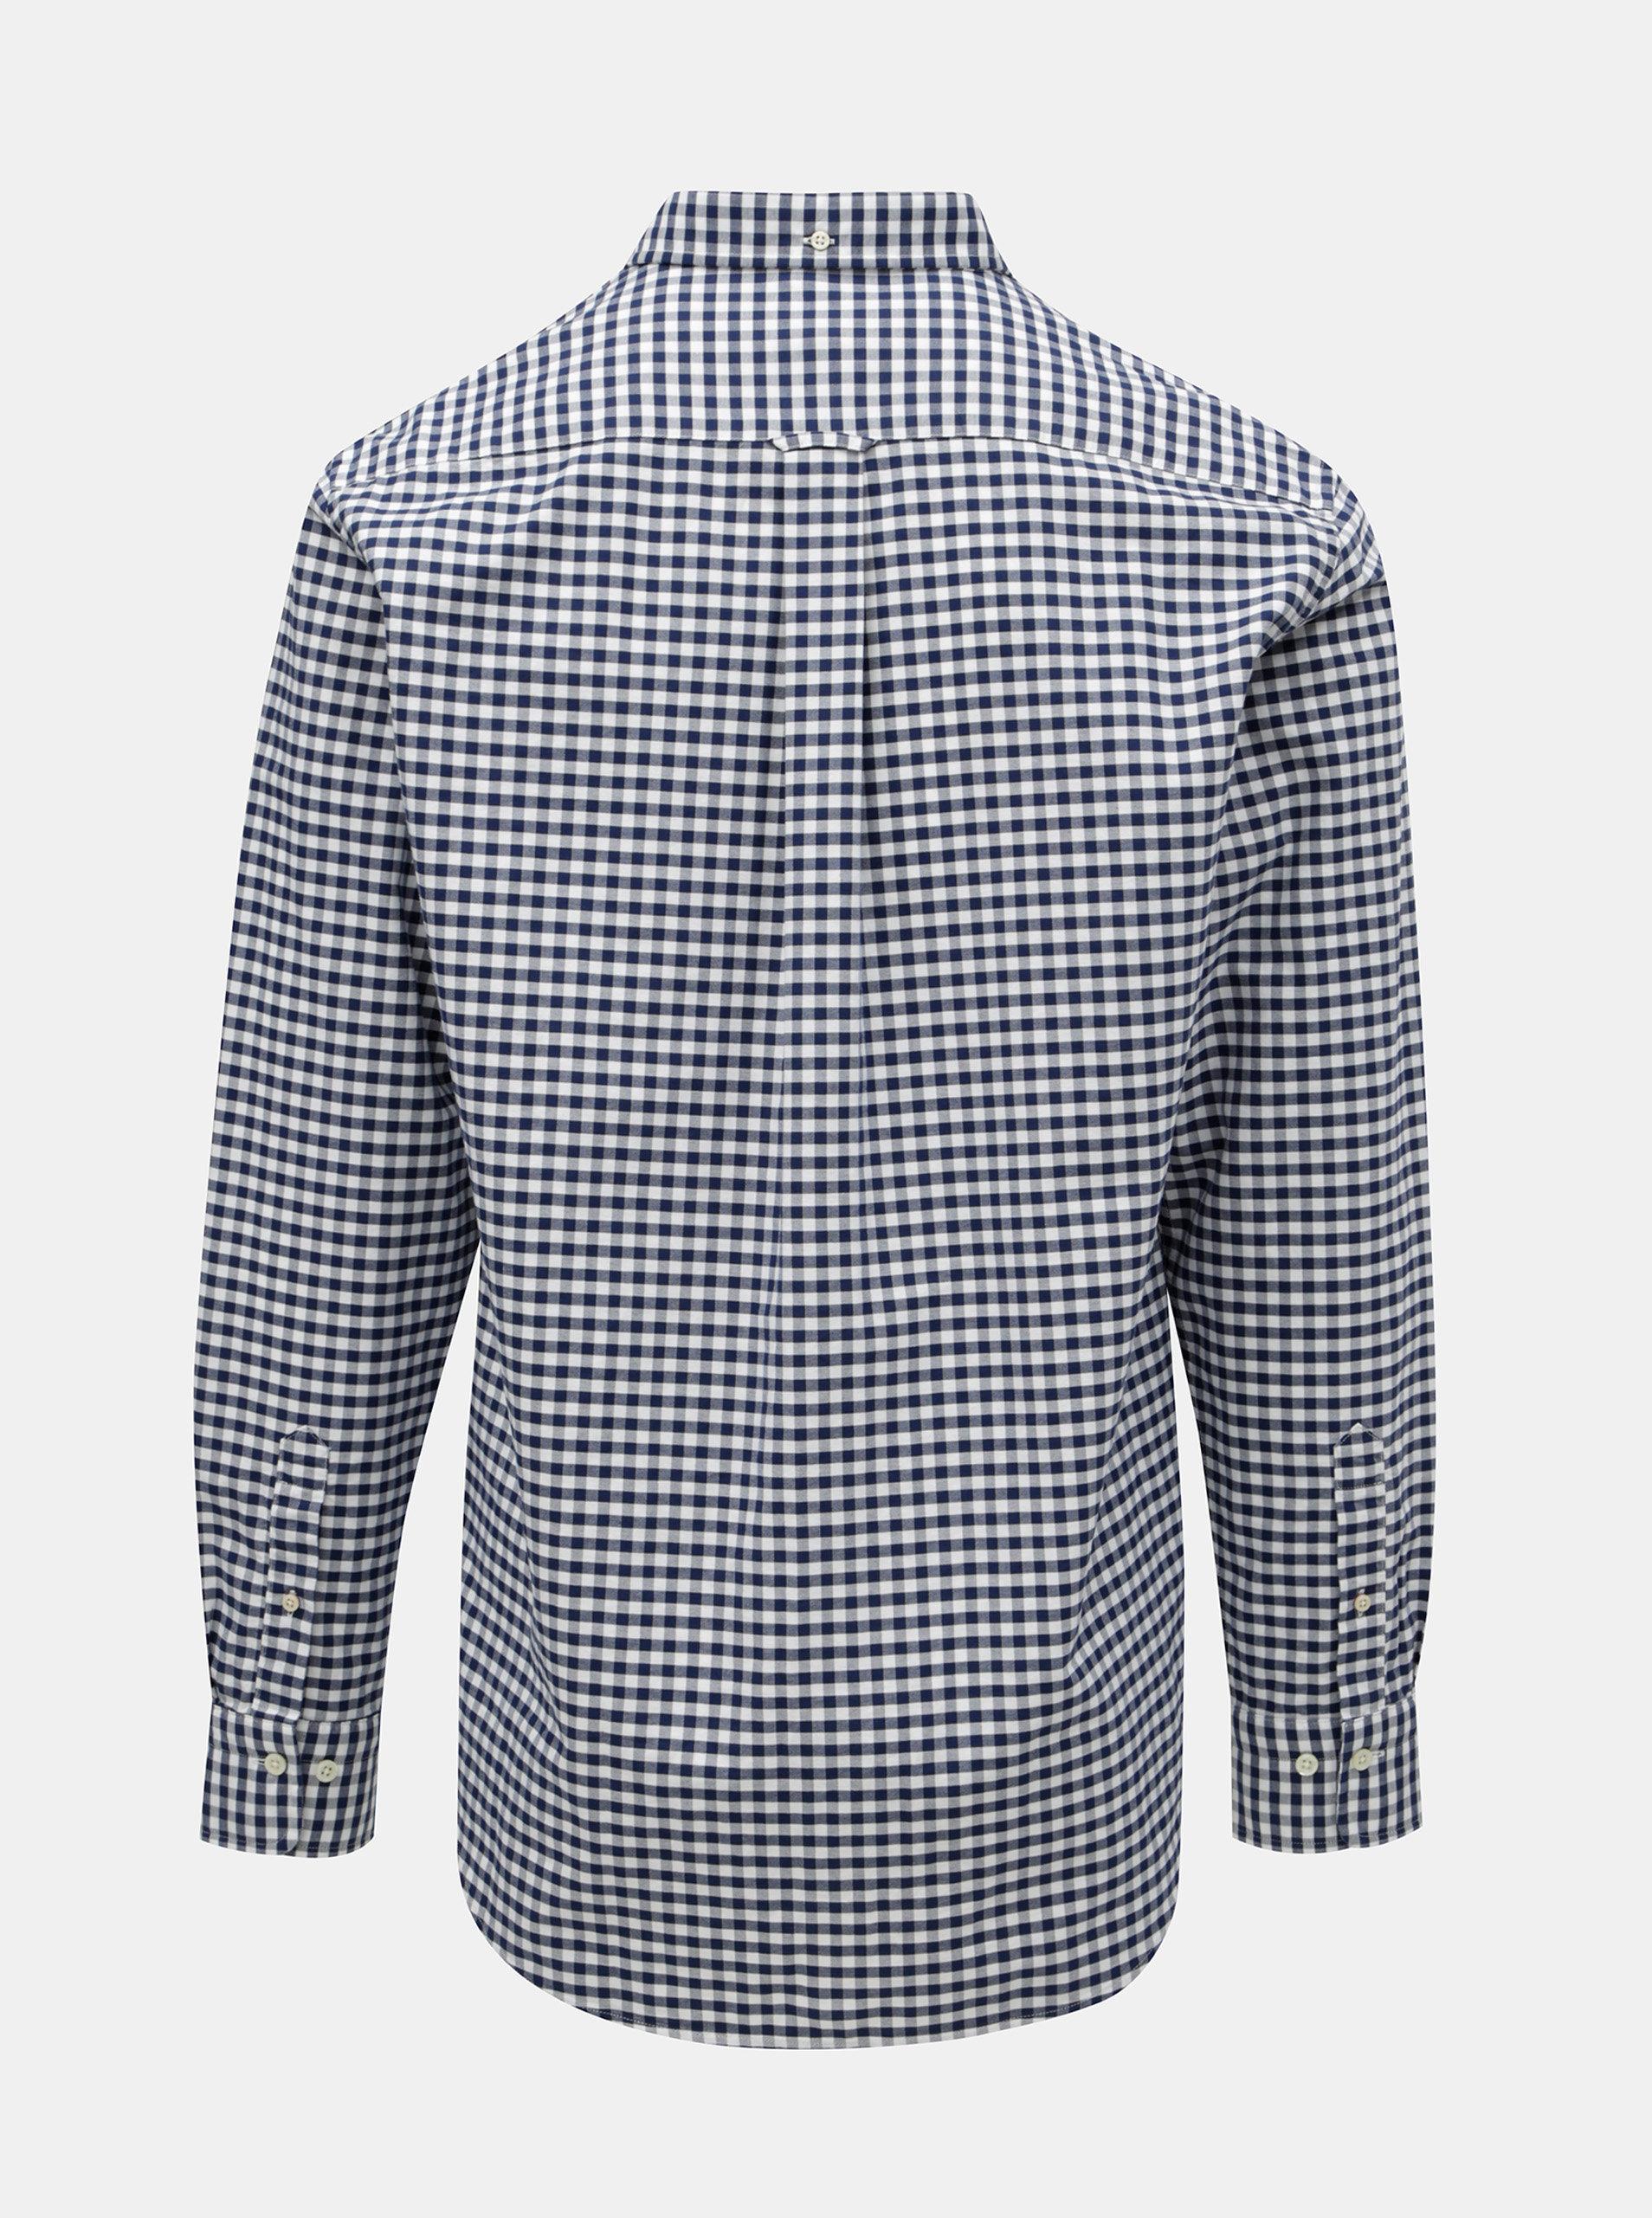 0a6eda47dba Bílo-modrá pánská kostkovaná regular fit košile s výšivkou GANT ...